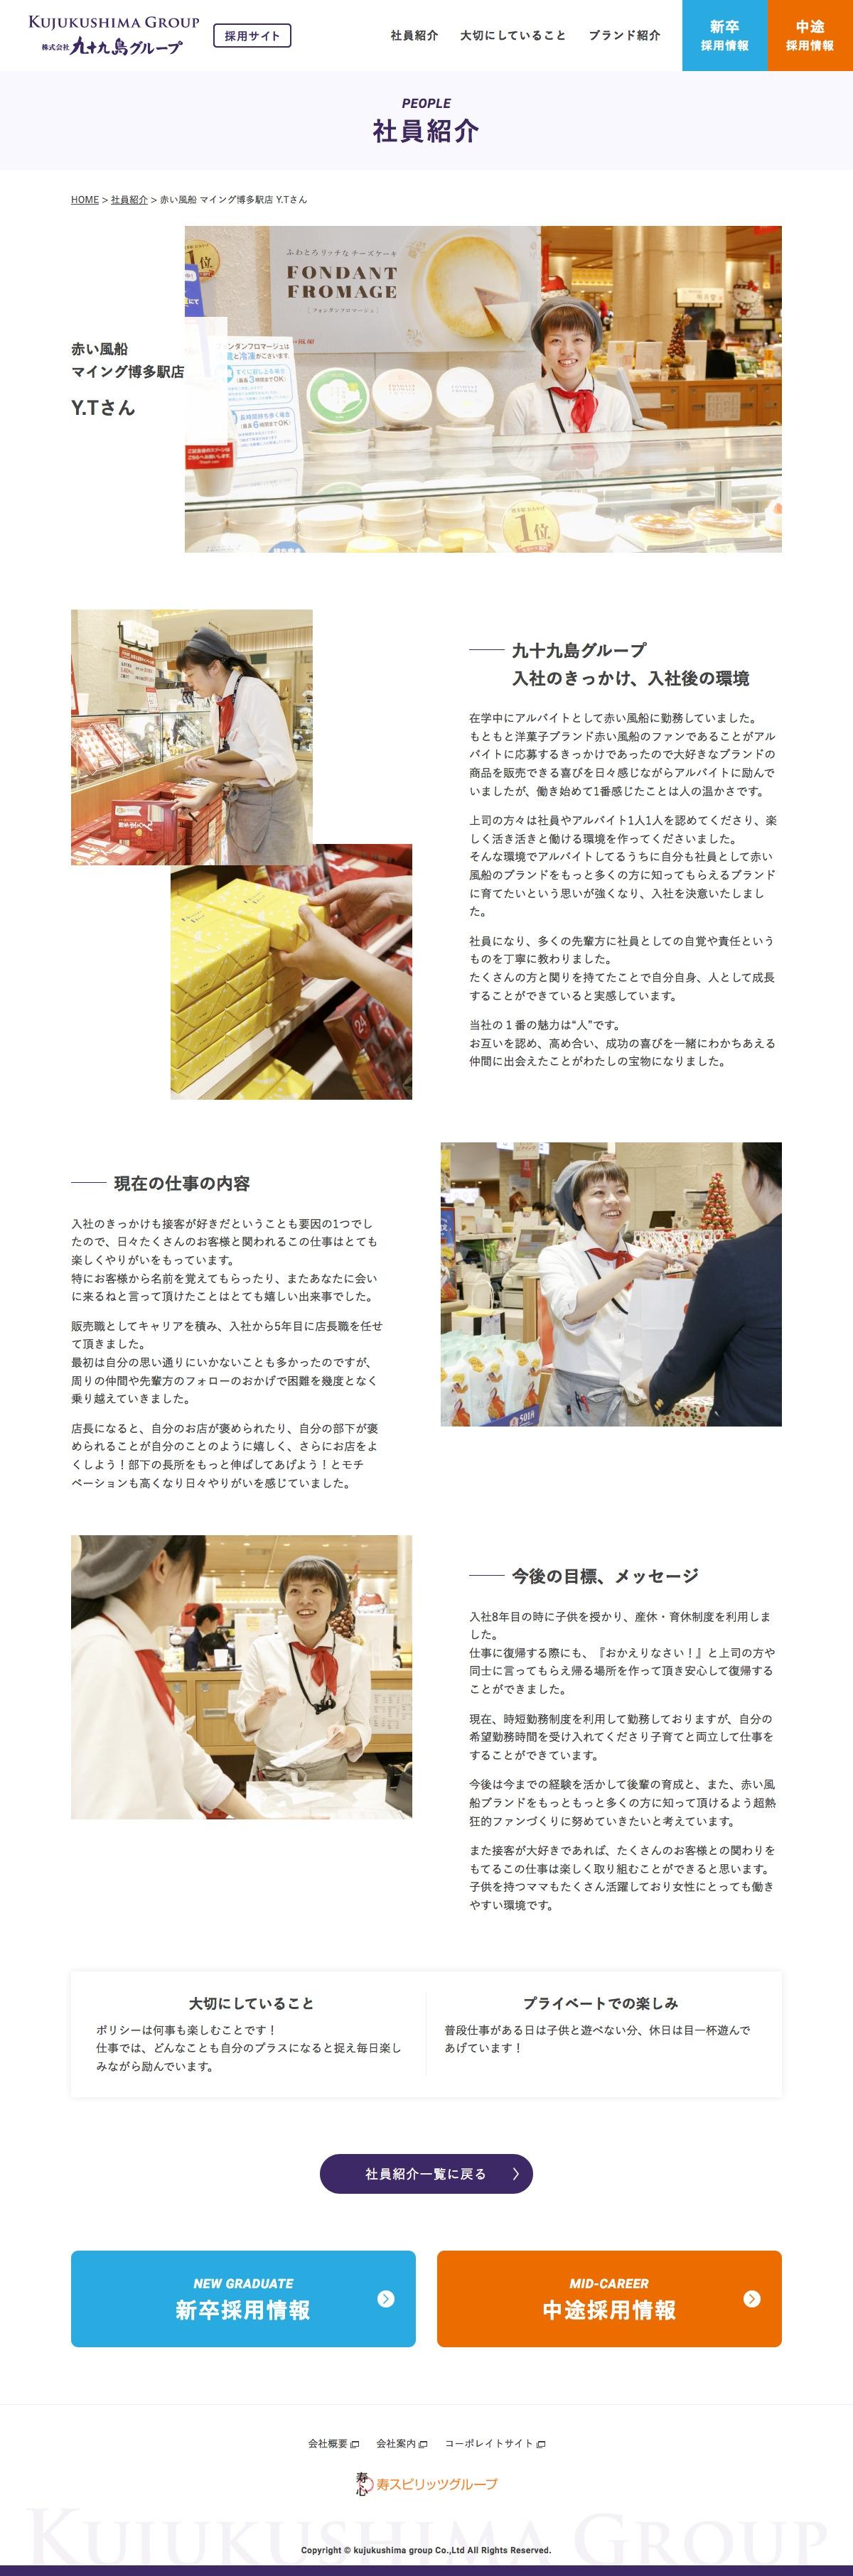 [写真]WEB 九十九島グループ 採用サイト 2